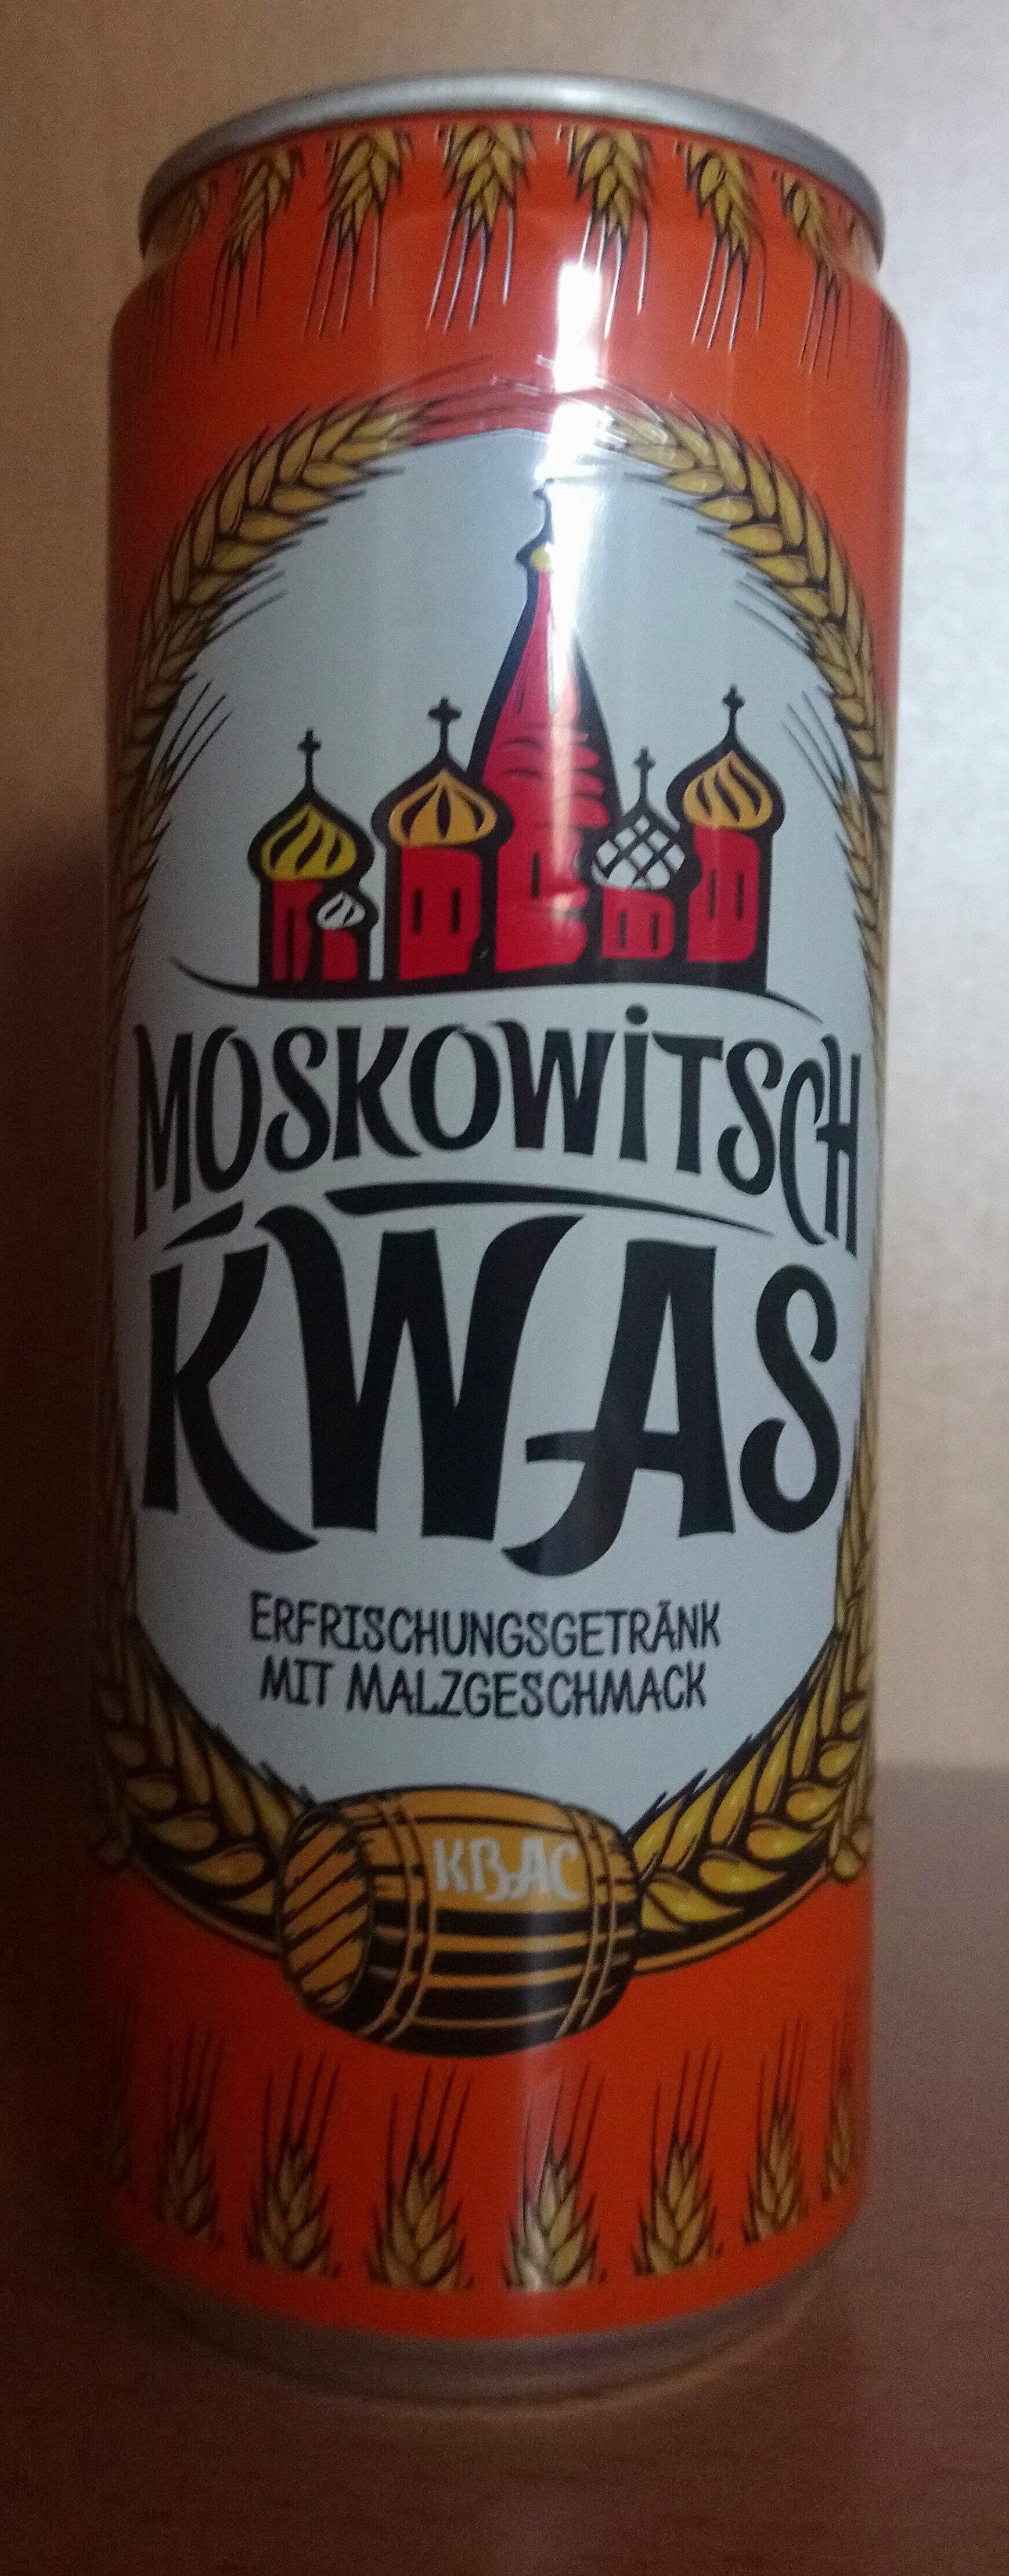 Moskowitsch Kwas - Product - de